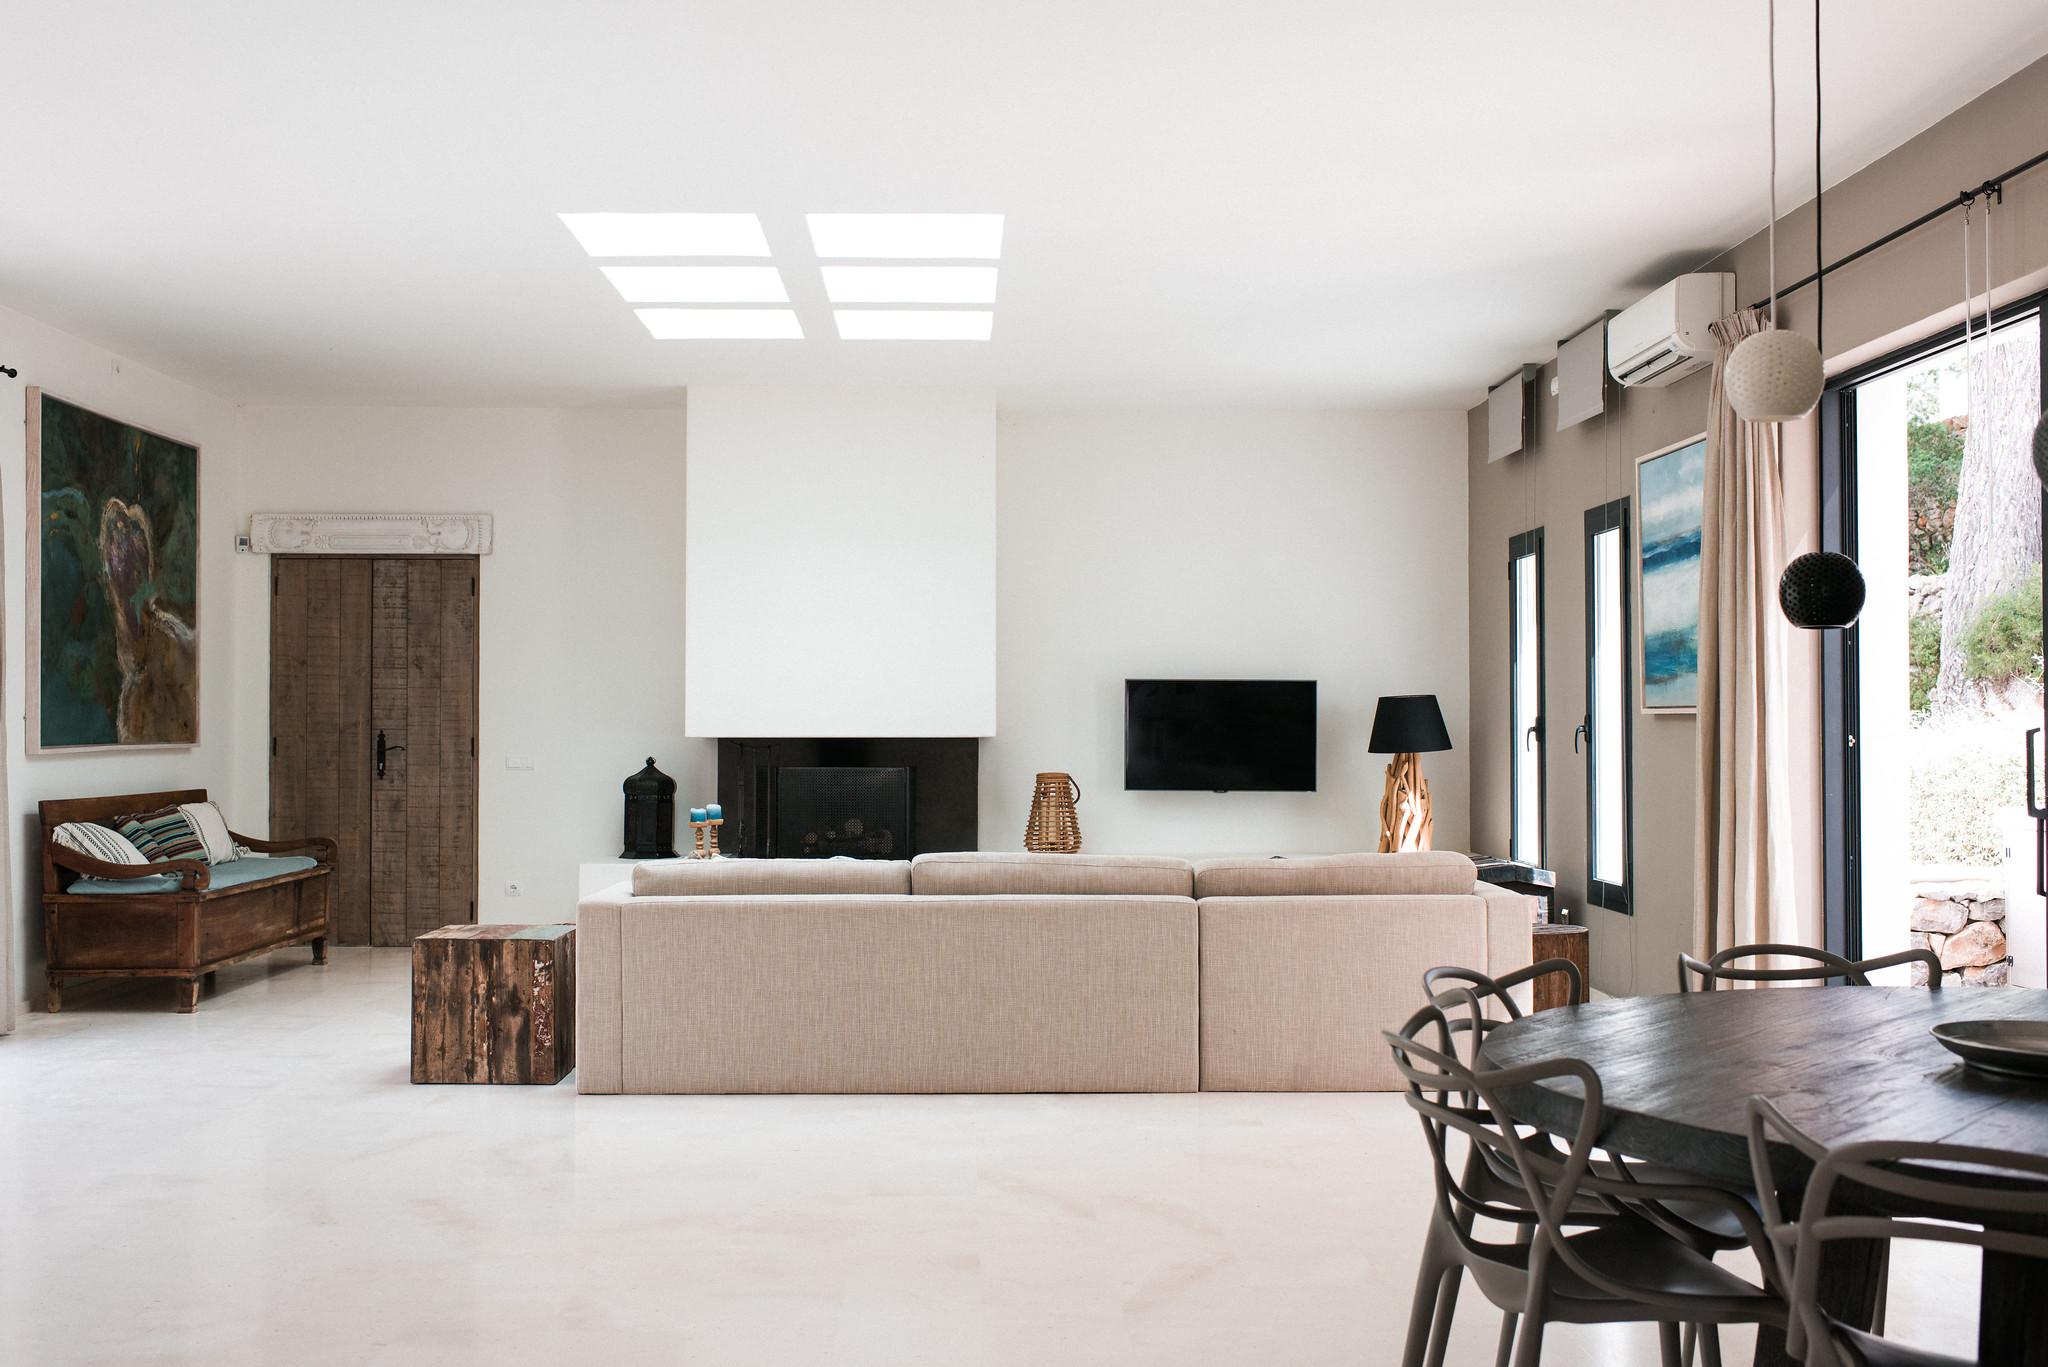 https://www.white-ibiza.com/wp-content/uploads/2020/05/white-ibiza-villas-casa-estrella-interior-living-area-2.jpg